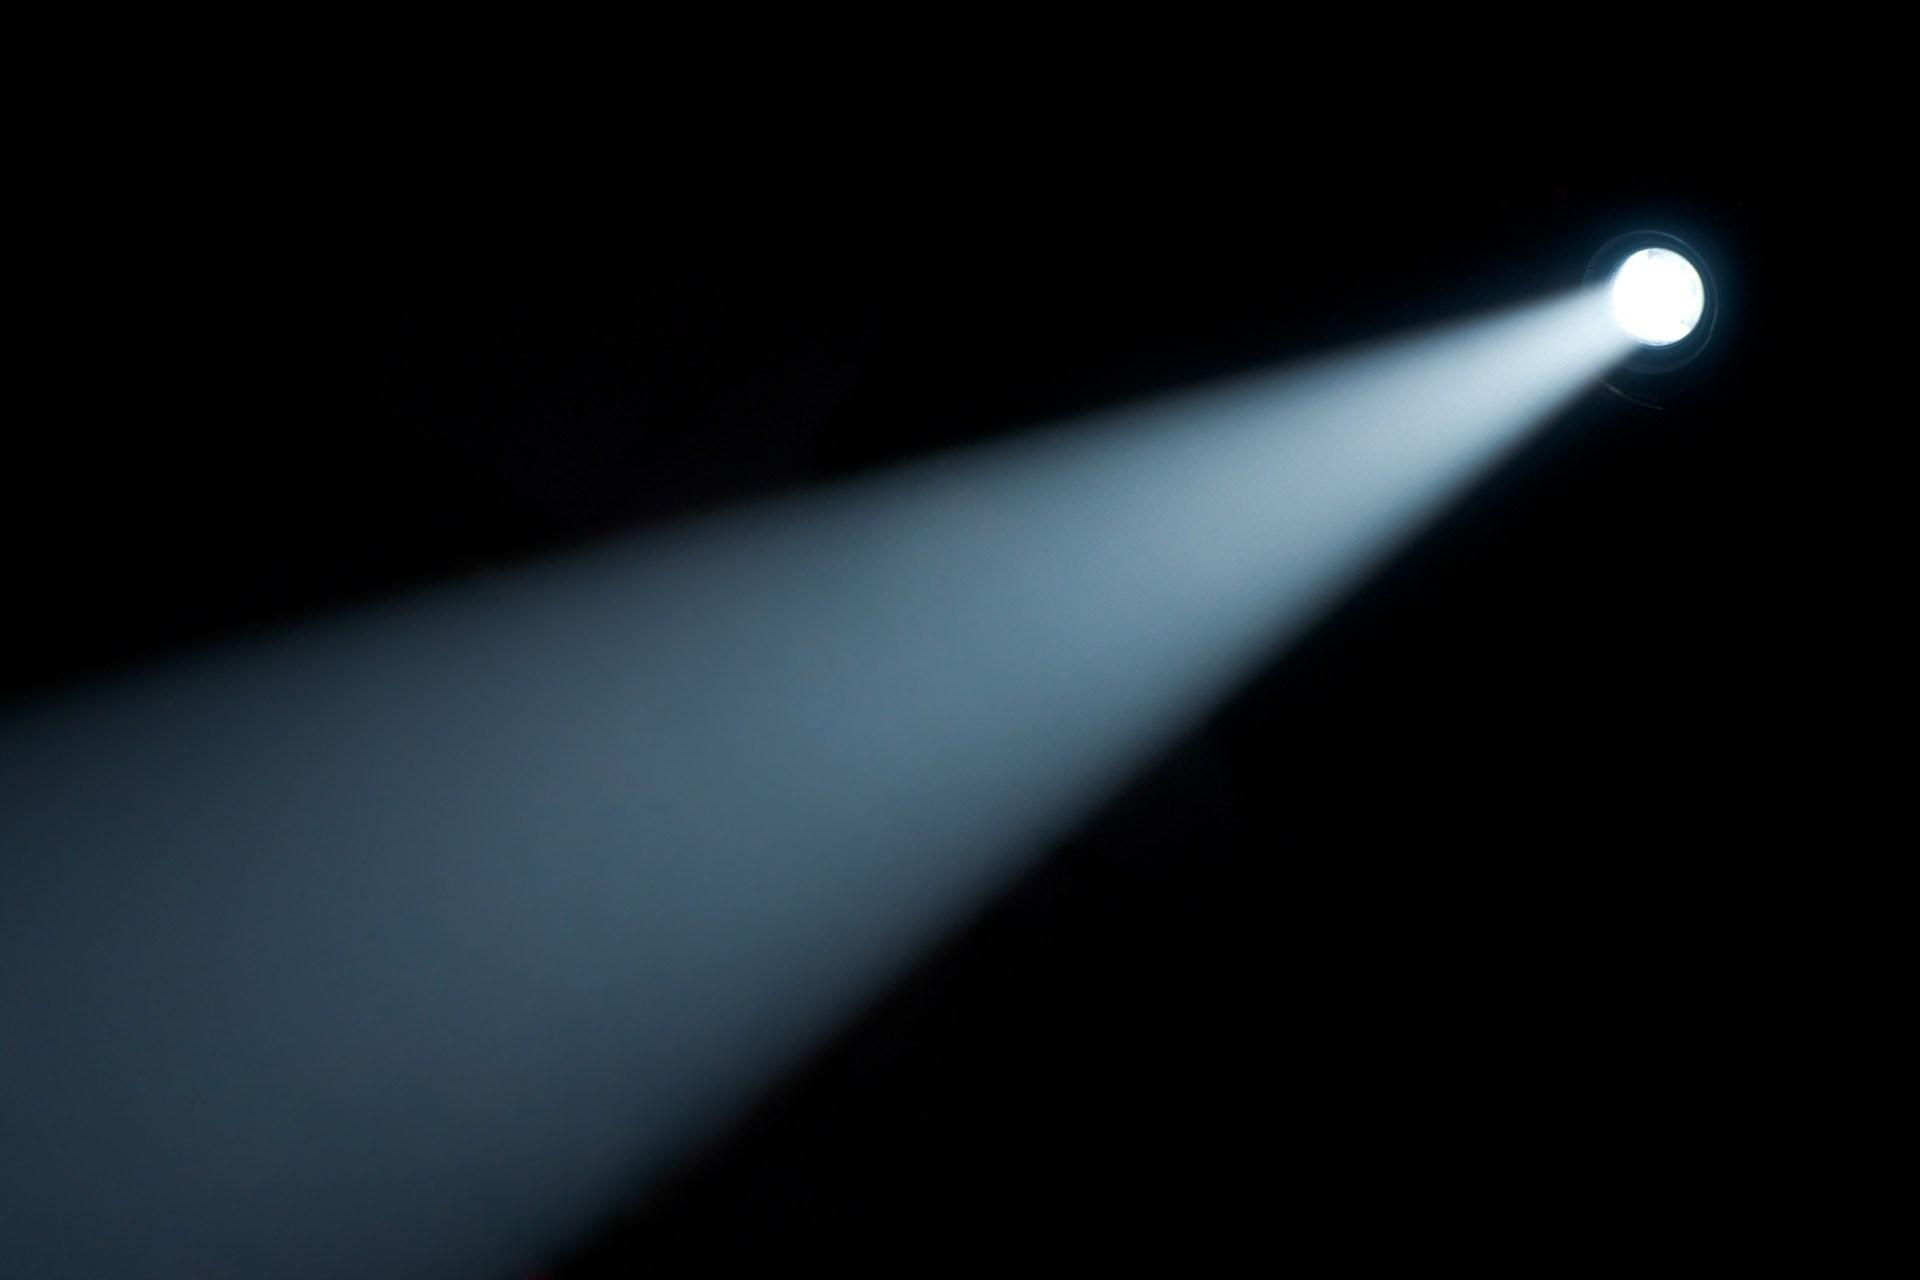 light-05.jpg